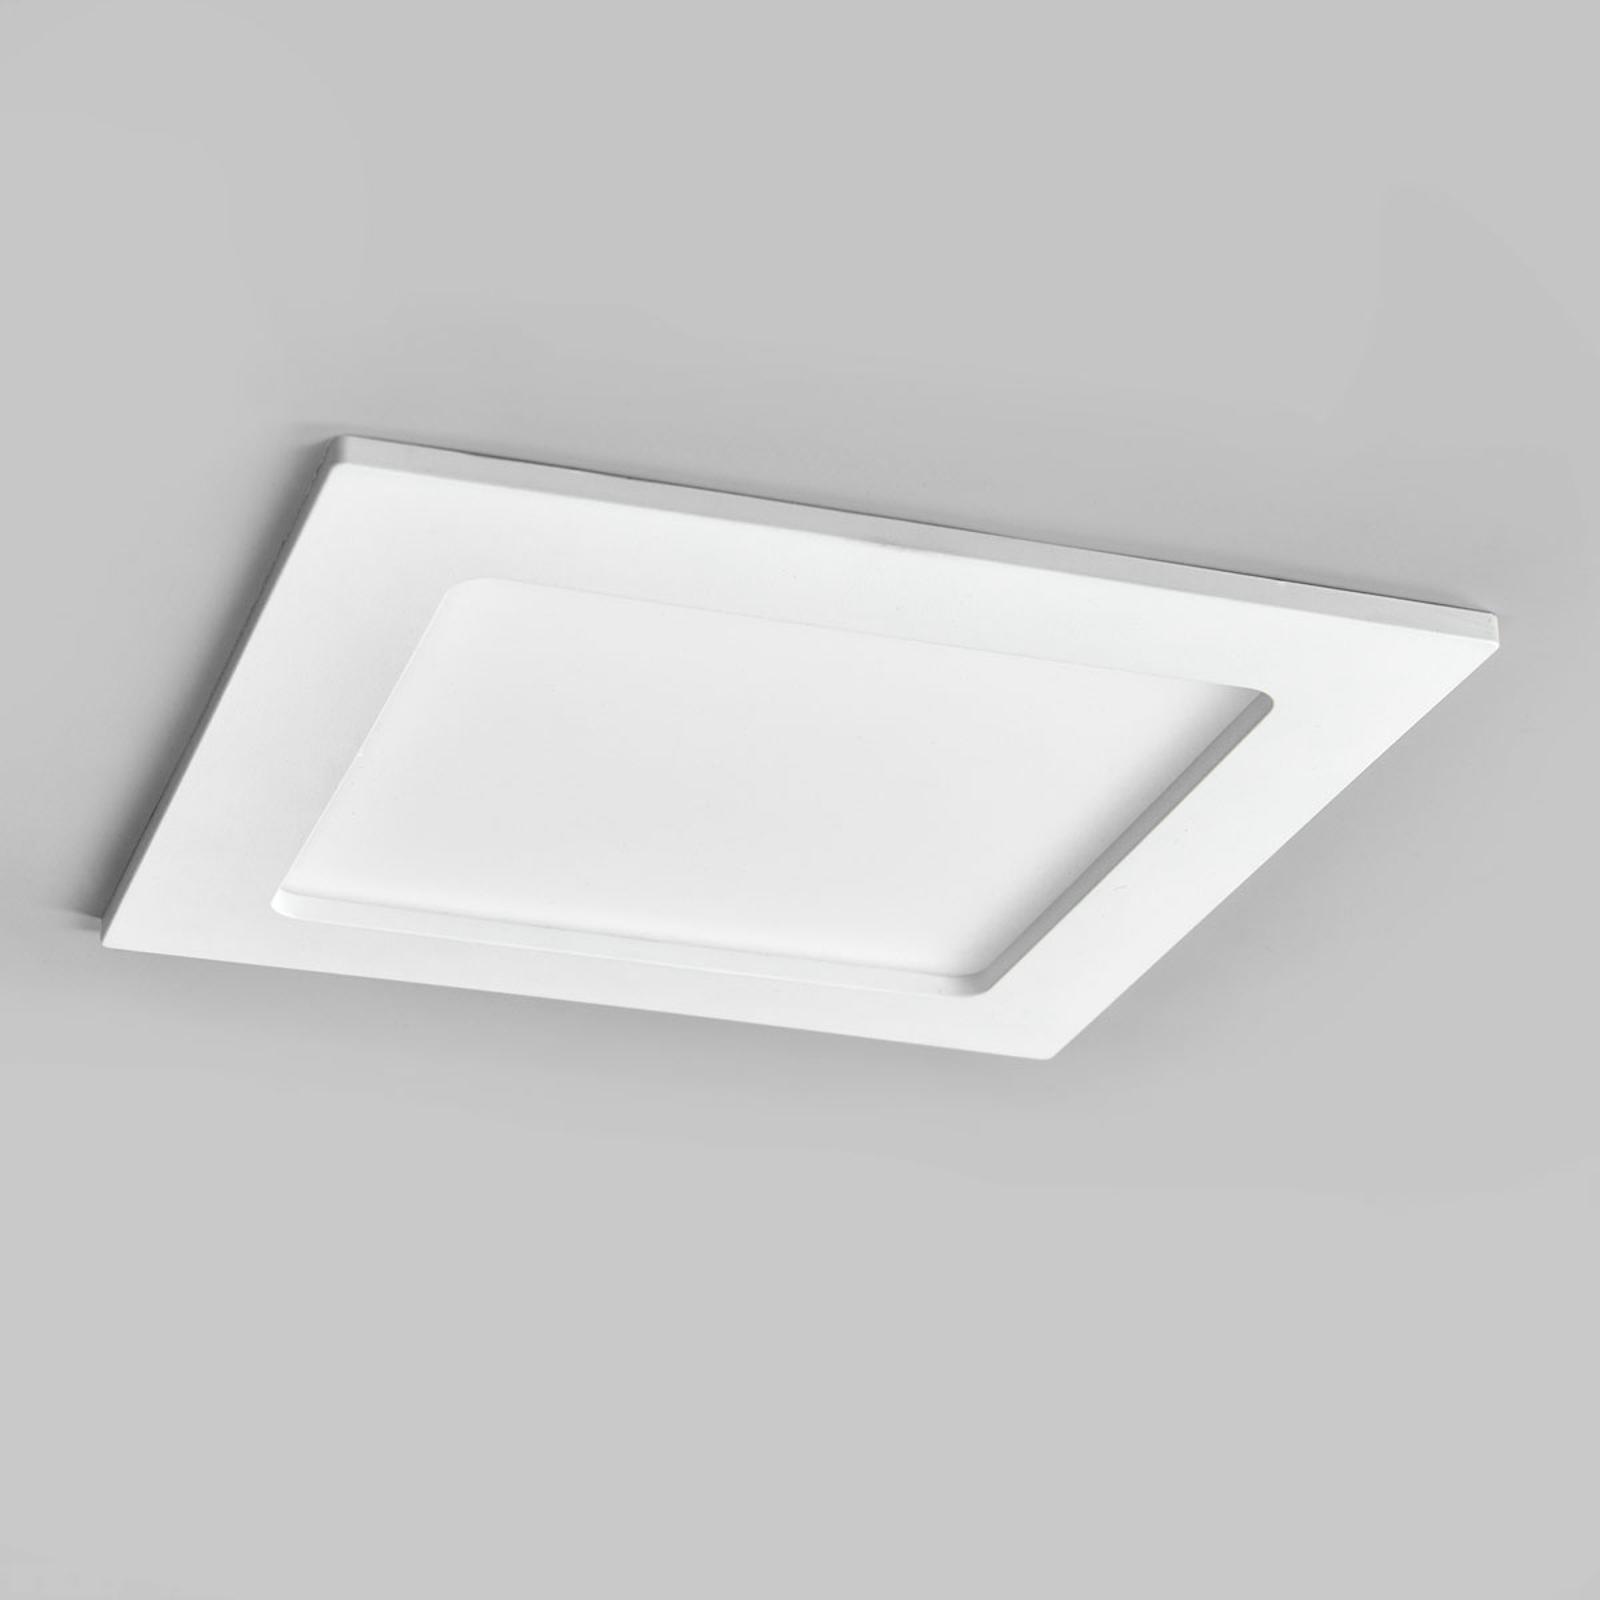 LED podhledové svítidlo Joki 4000K hranaté 16,5cm